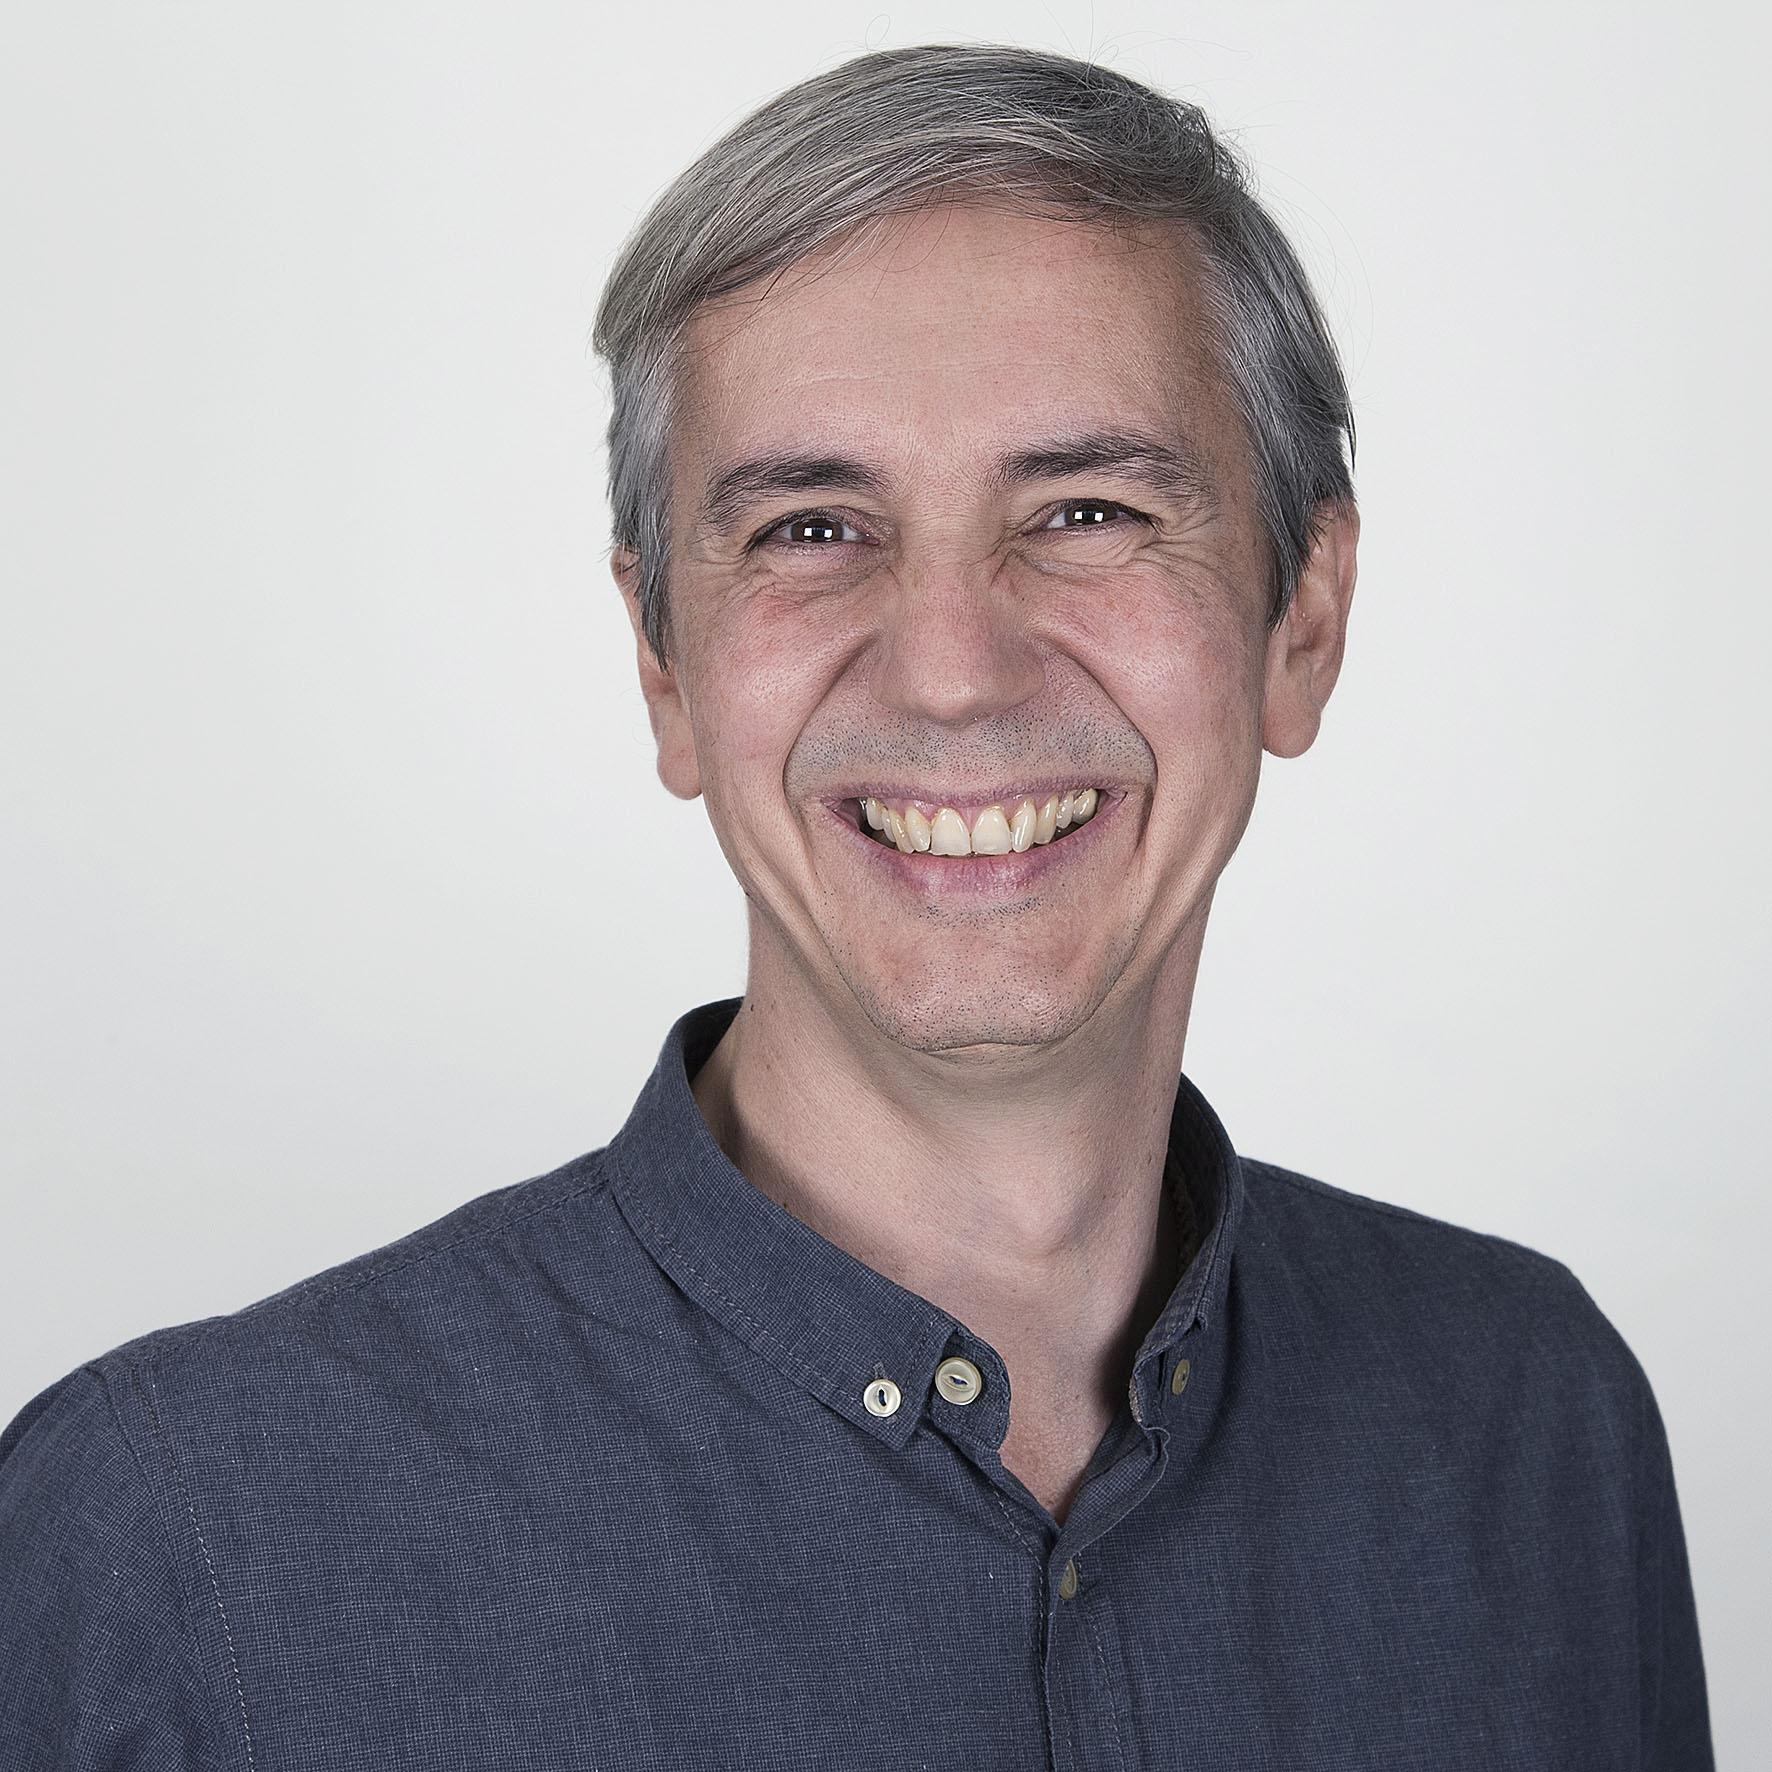 Markus Mettler